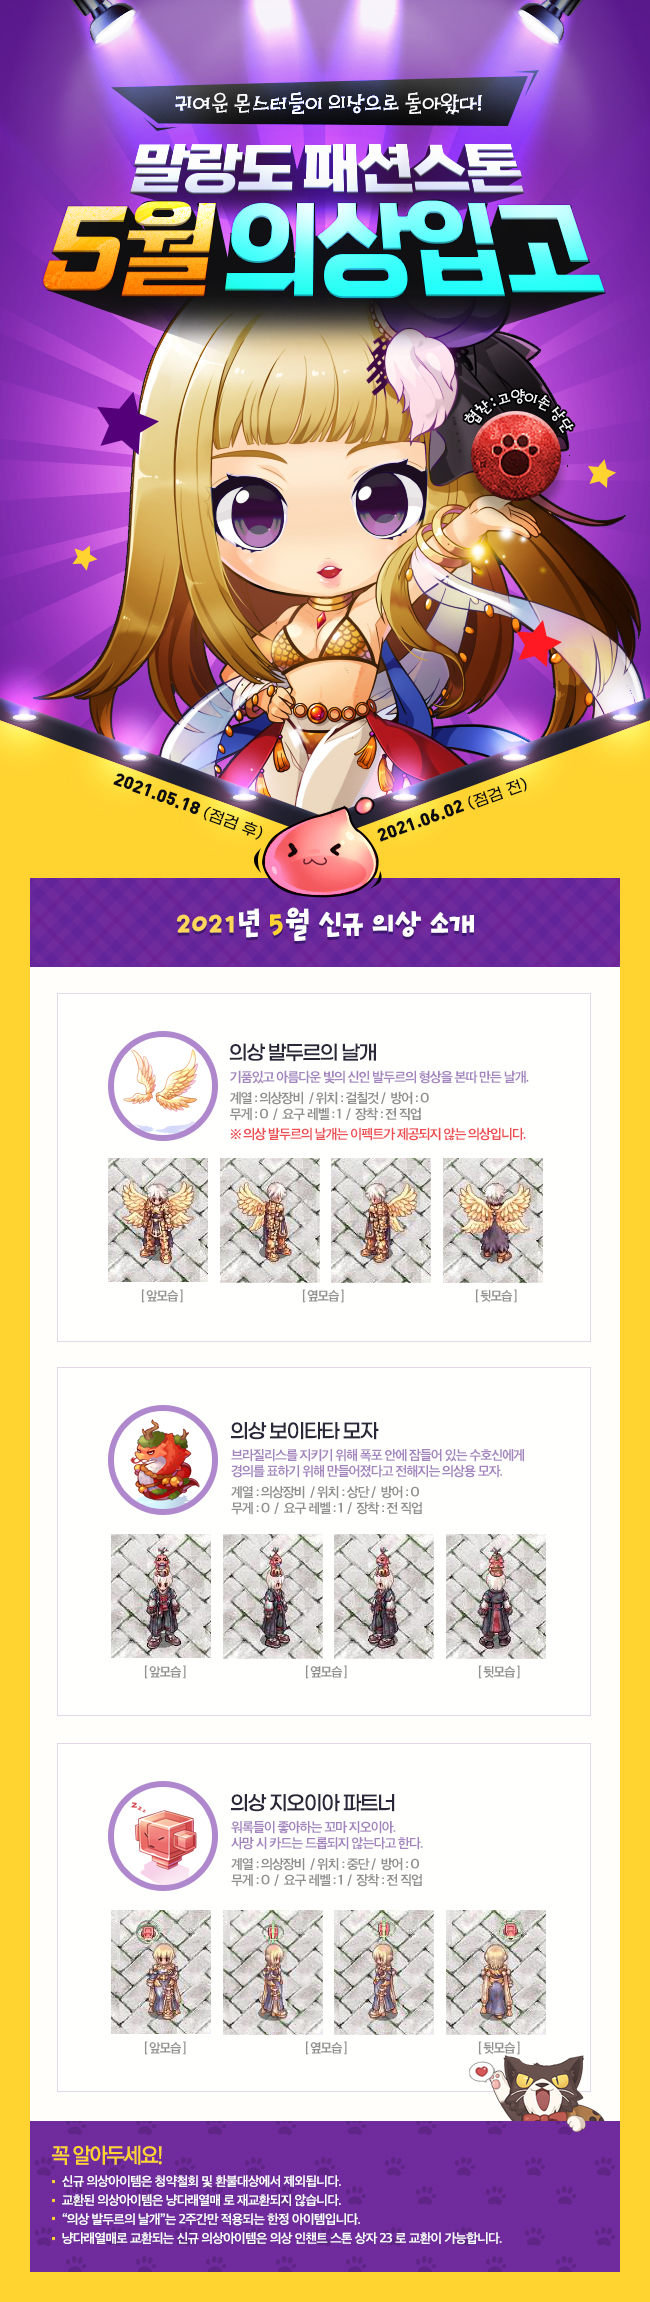 5월 냥다래 신규의상 소개 페이지